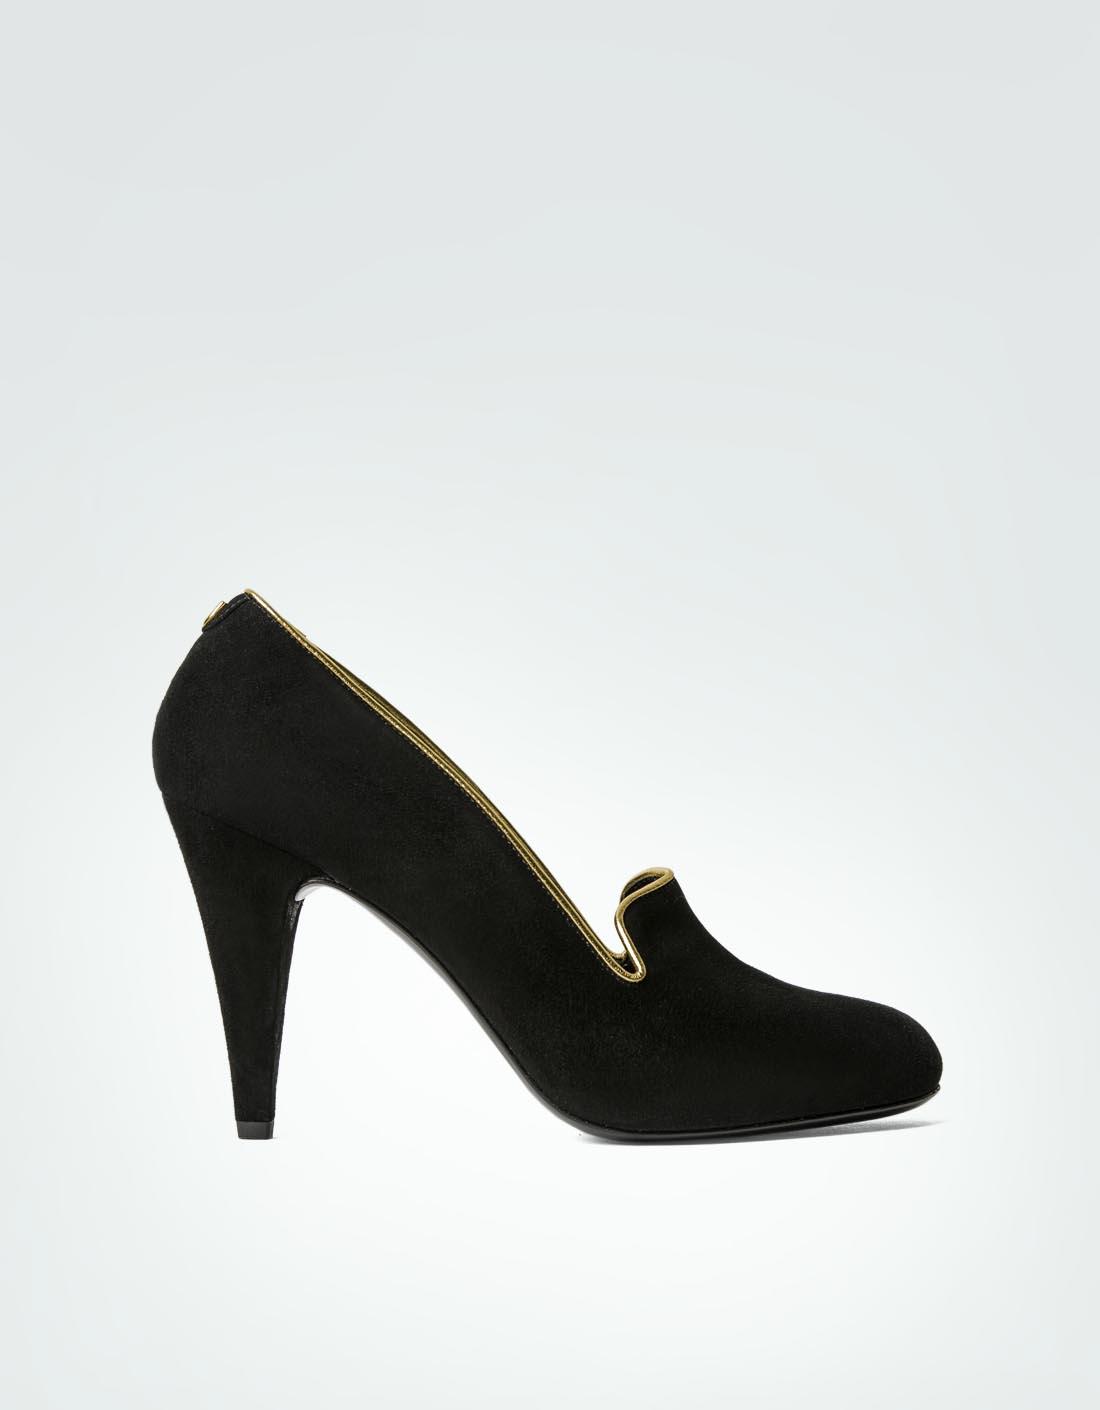 JOOP Damen Schuhe Pumps aus Veloursleder schwarz a4xV2TULH